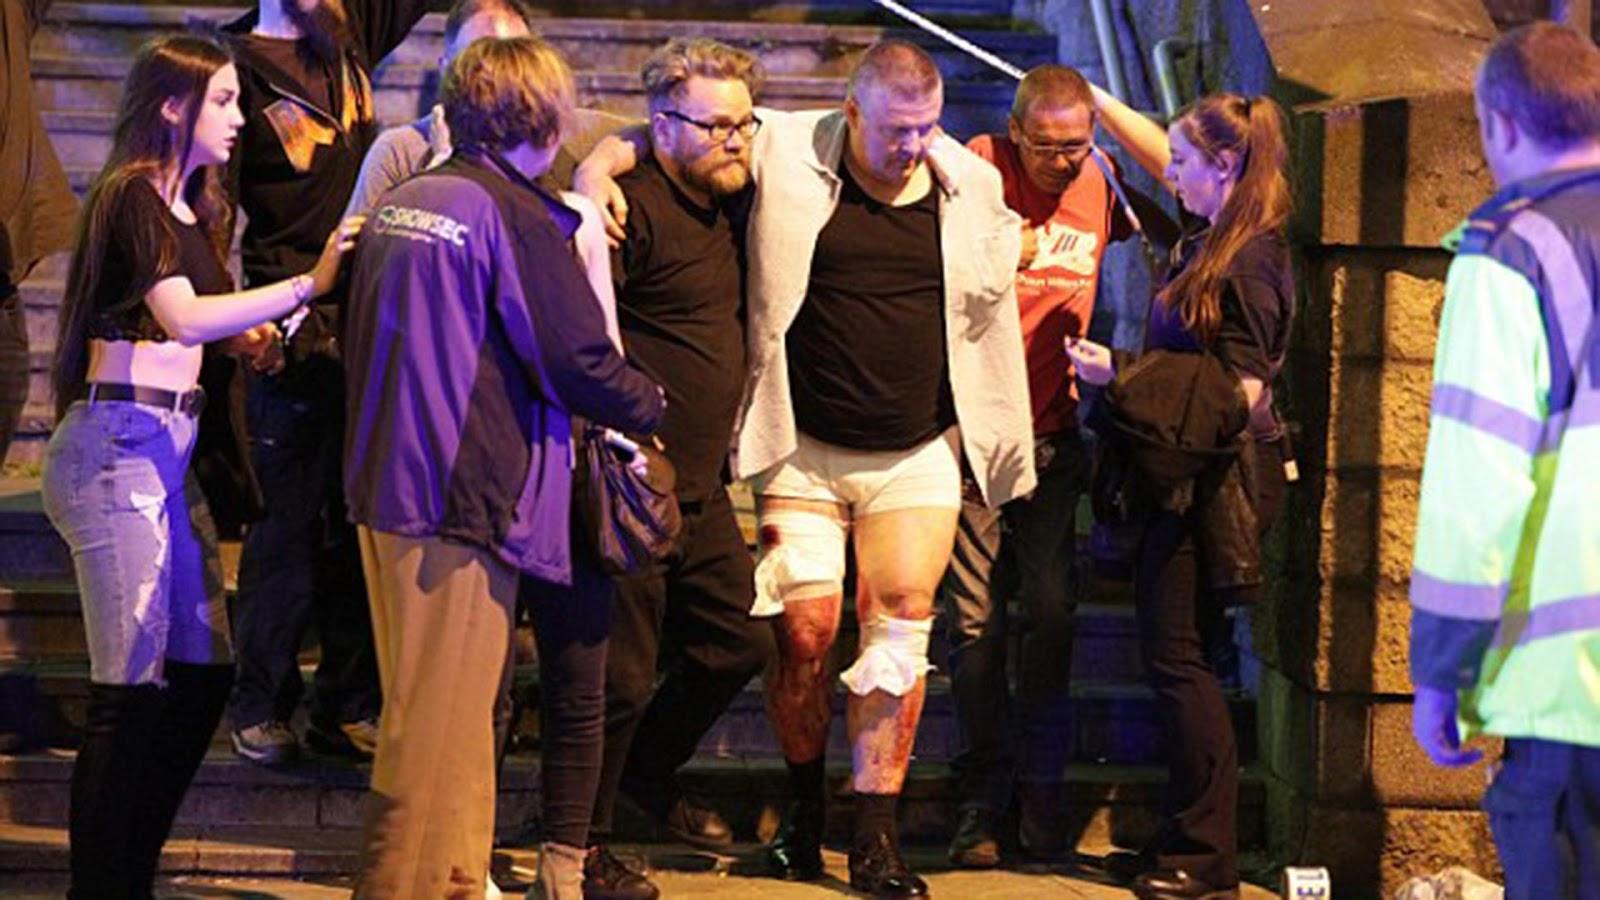 atentado-manchester-fotos3